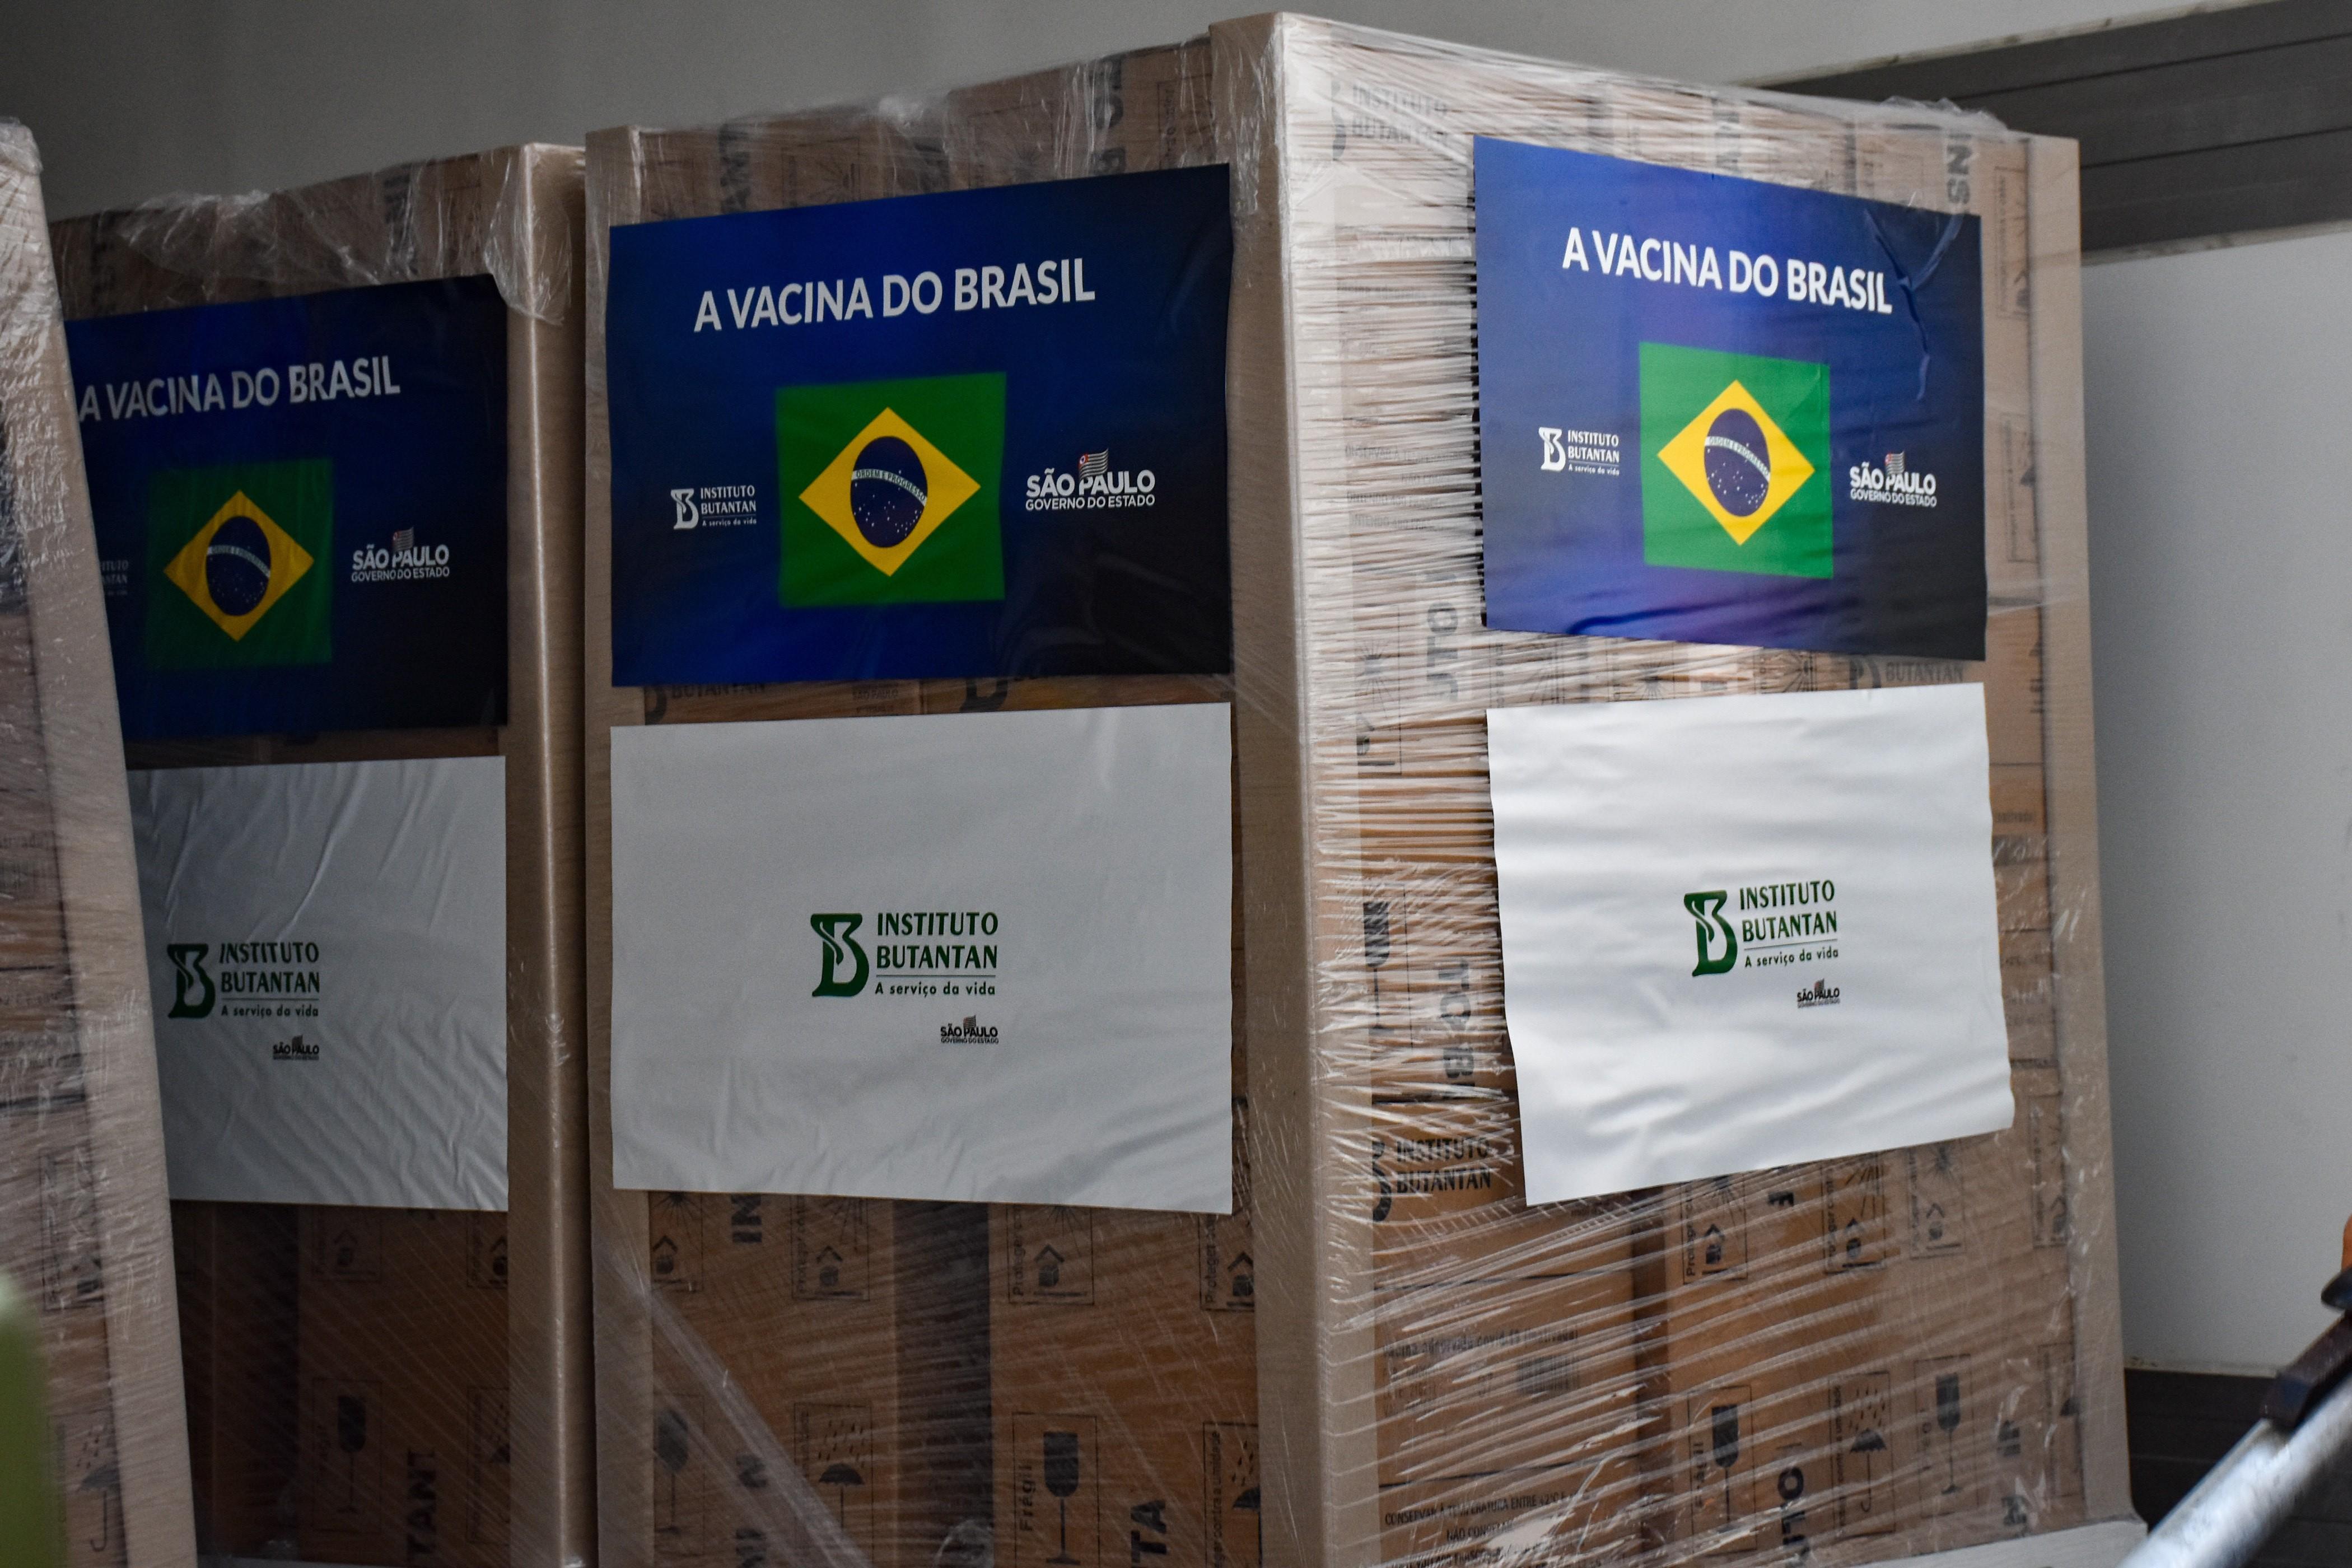 Butantan entrega 1 milhão de doses da CoronaVac ao Ministério da Saúde e conclui entrega das 46 milhões previstas no 1° contrato